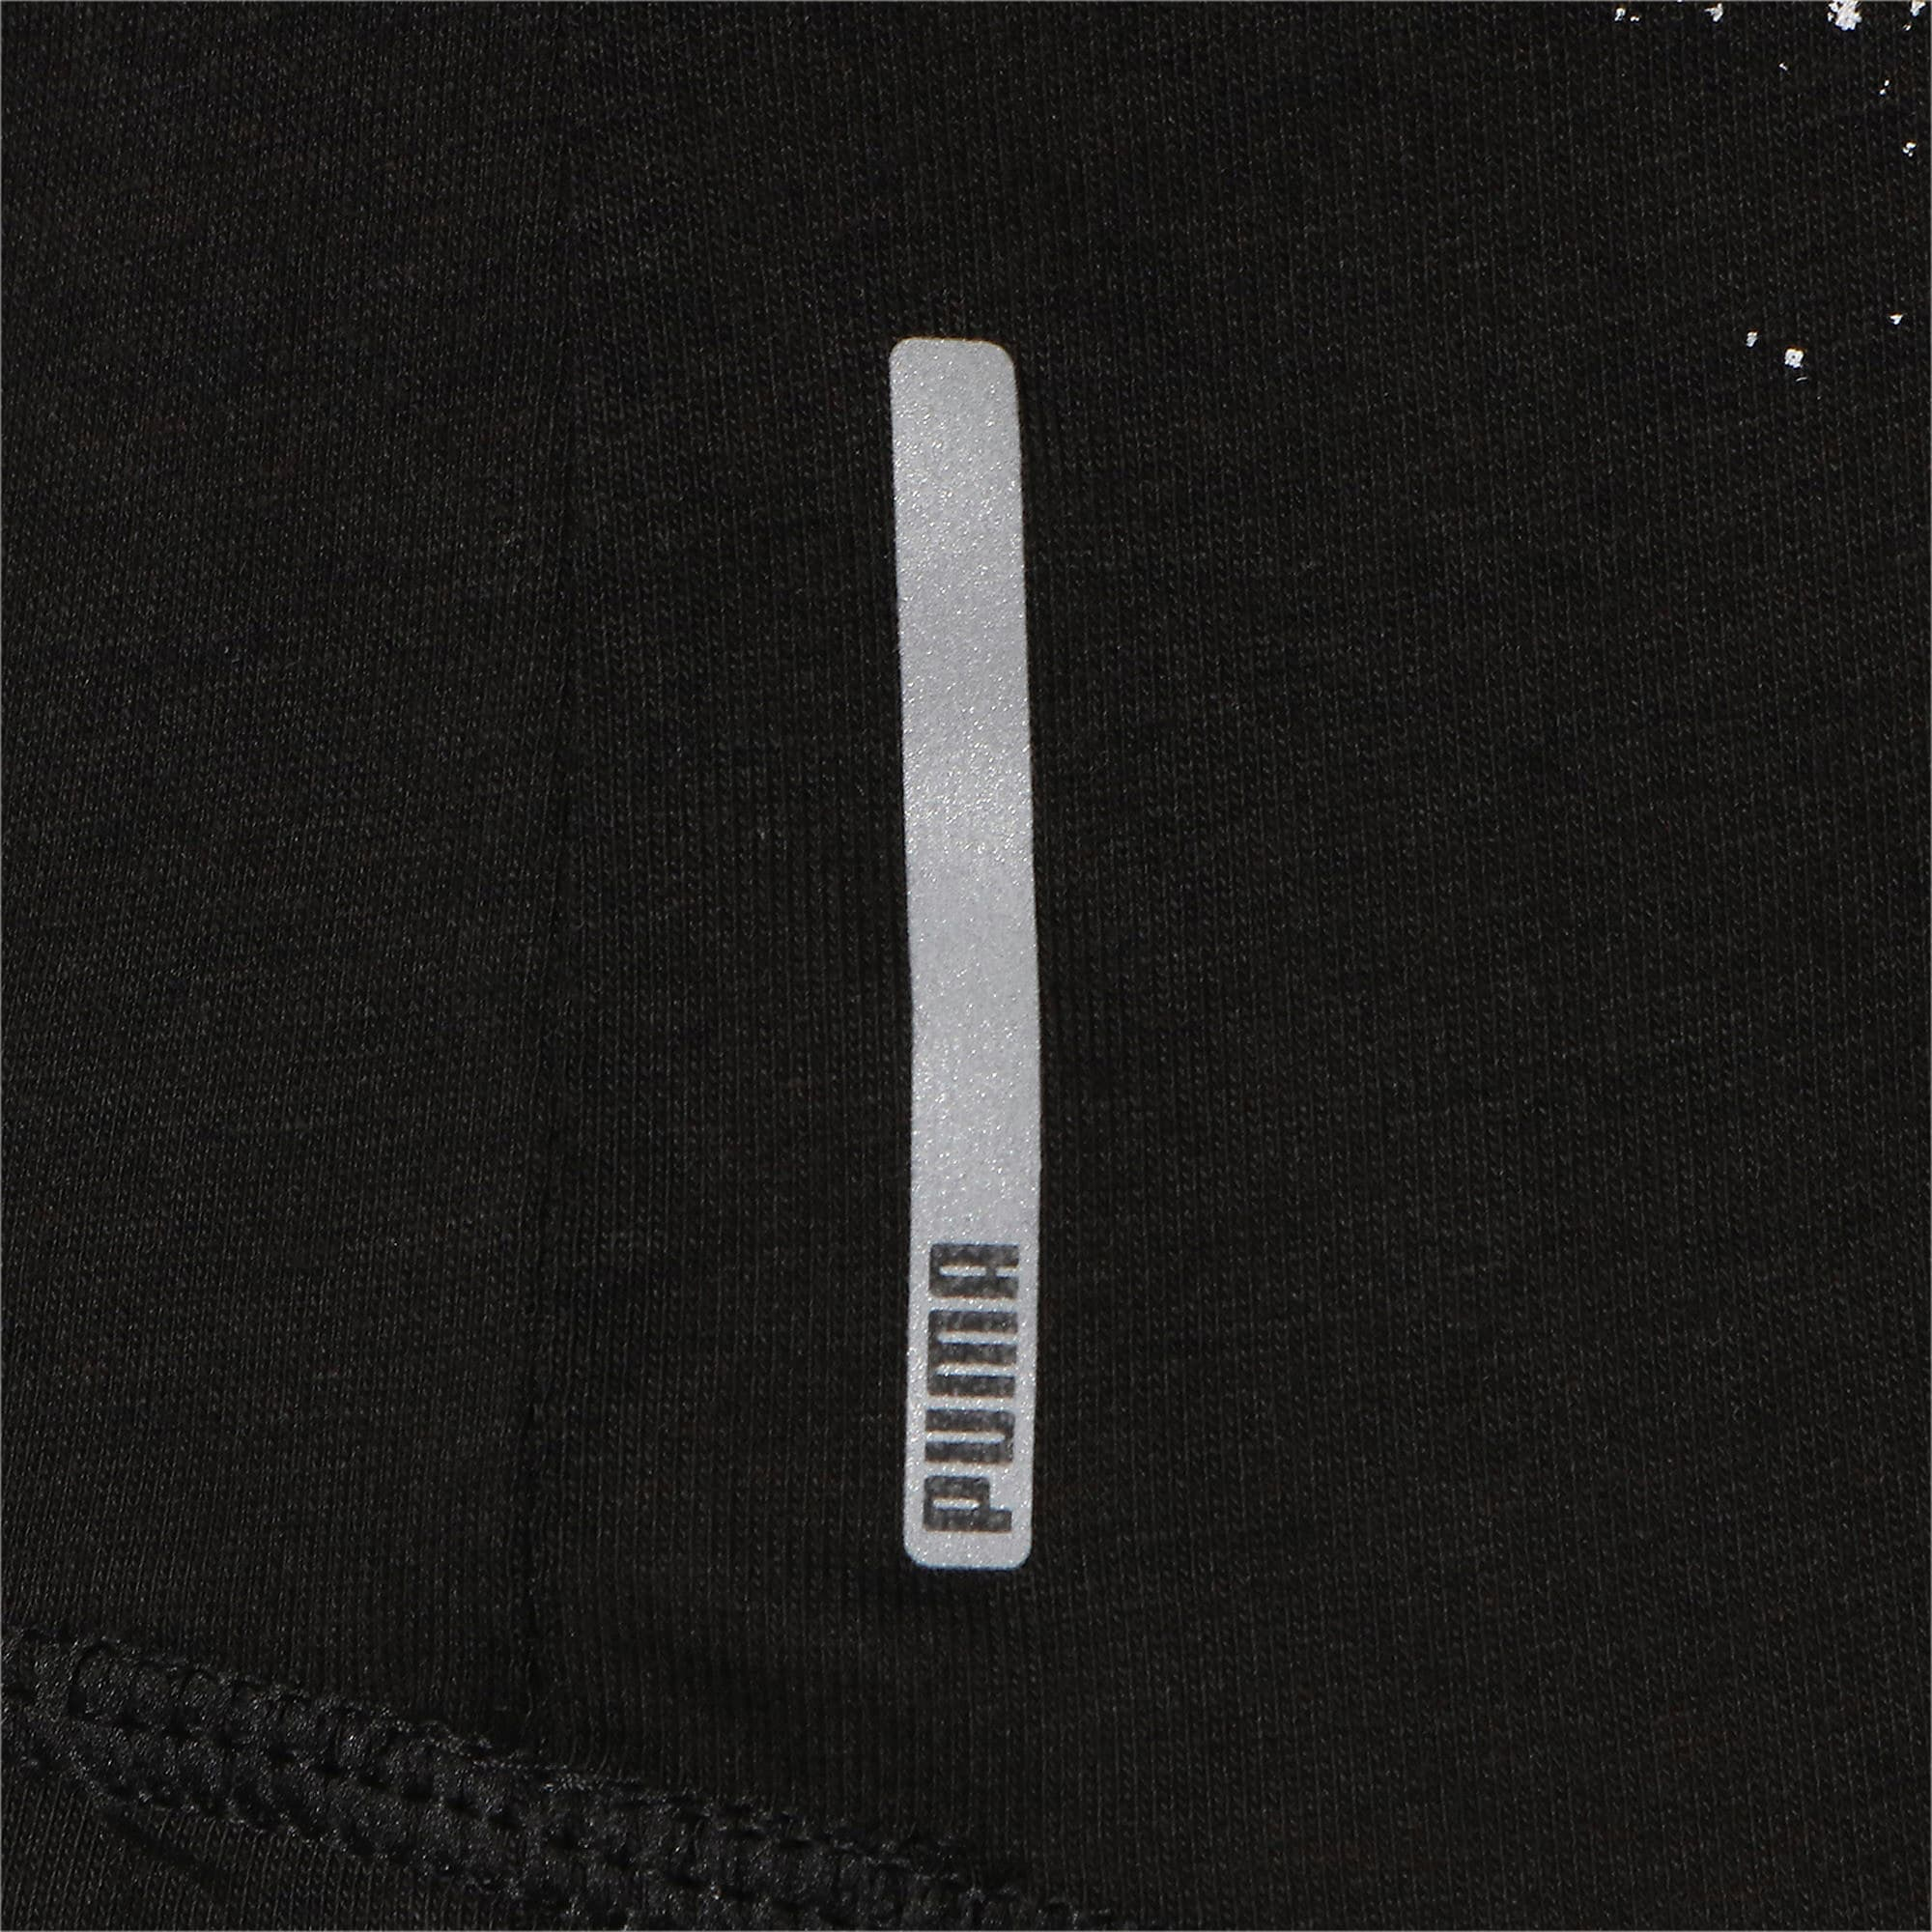 Thumbnail 10 of フィール イット SS ウィメンズ トレーニング Tシャツ 半袖, Puma Black, medium-JPN